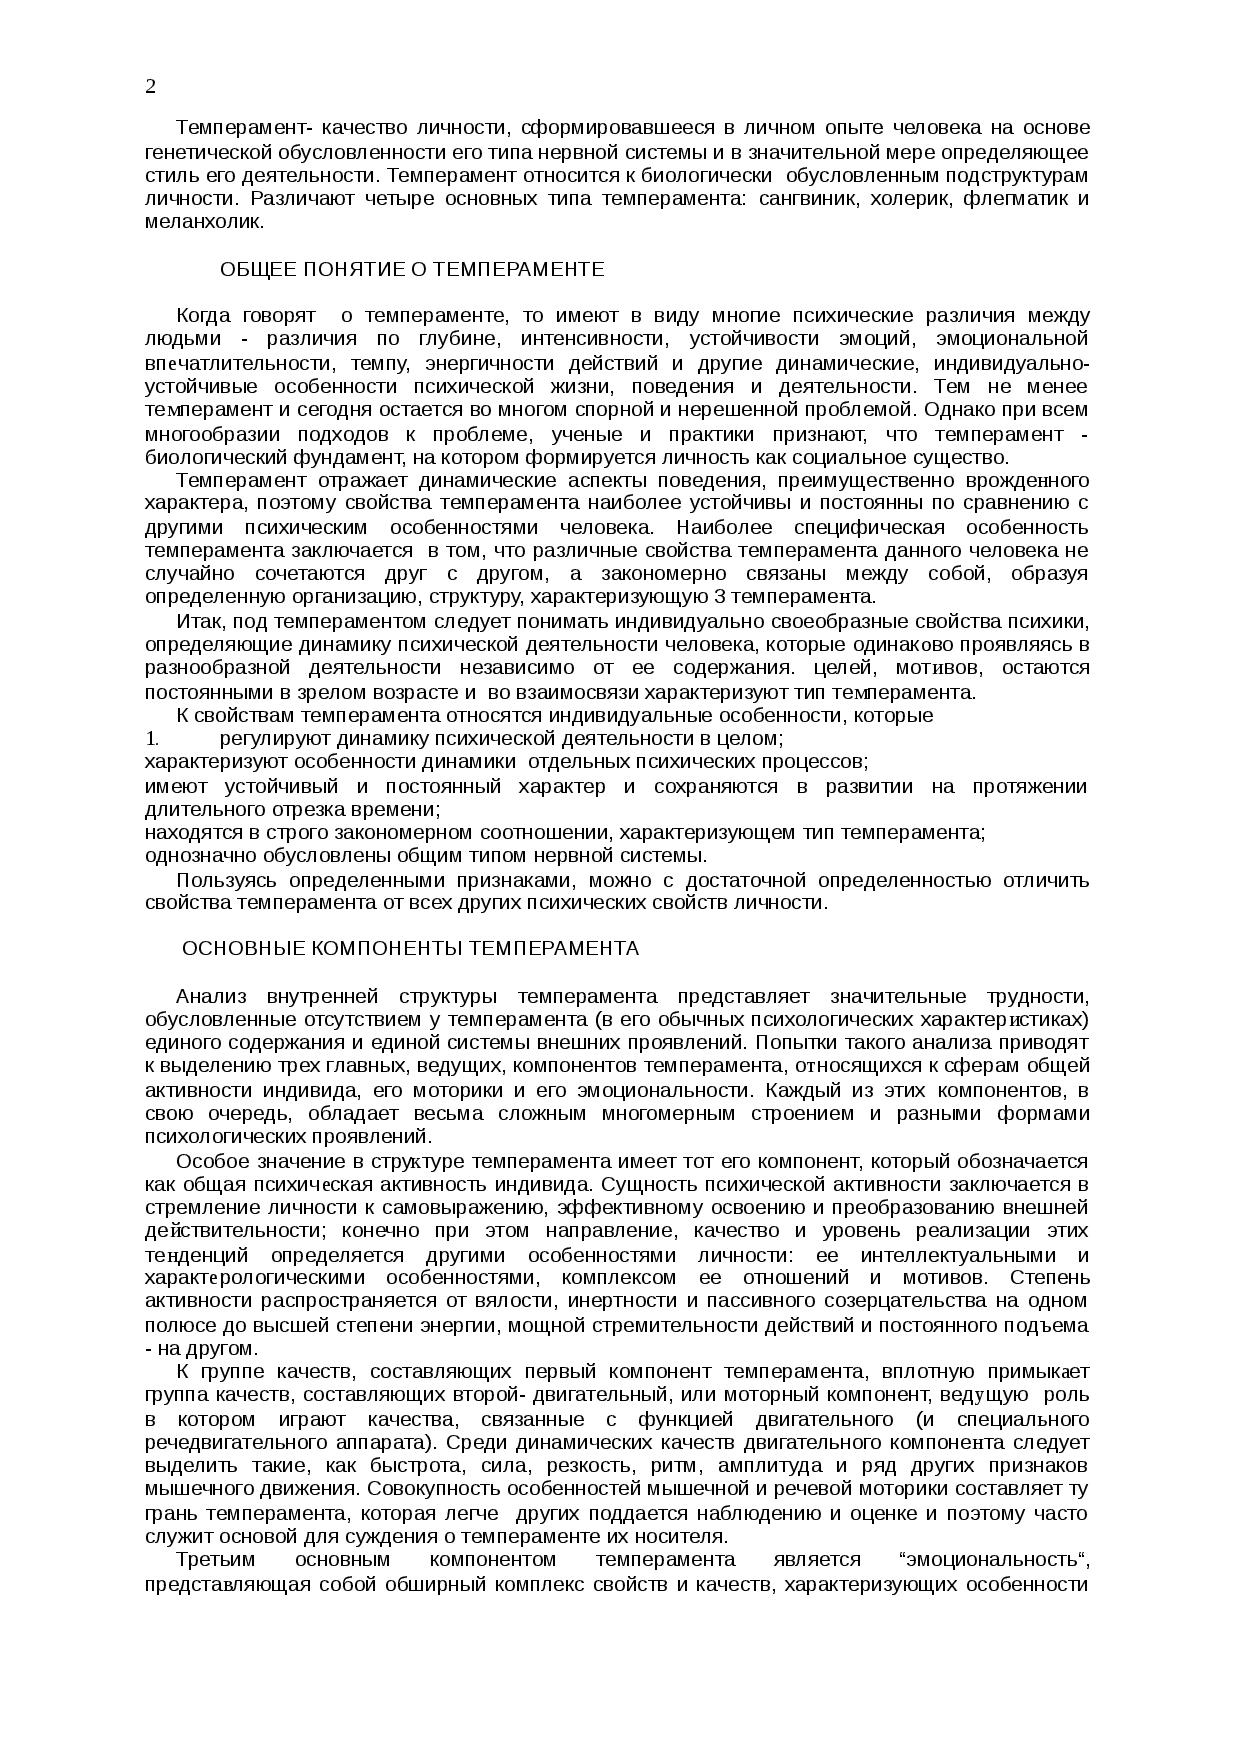 Описание и характеристики личностей холериков